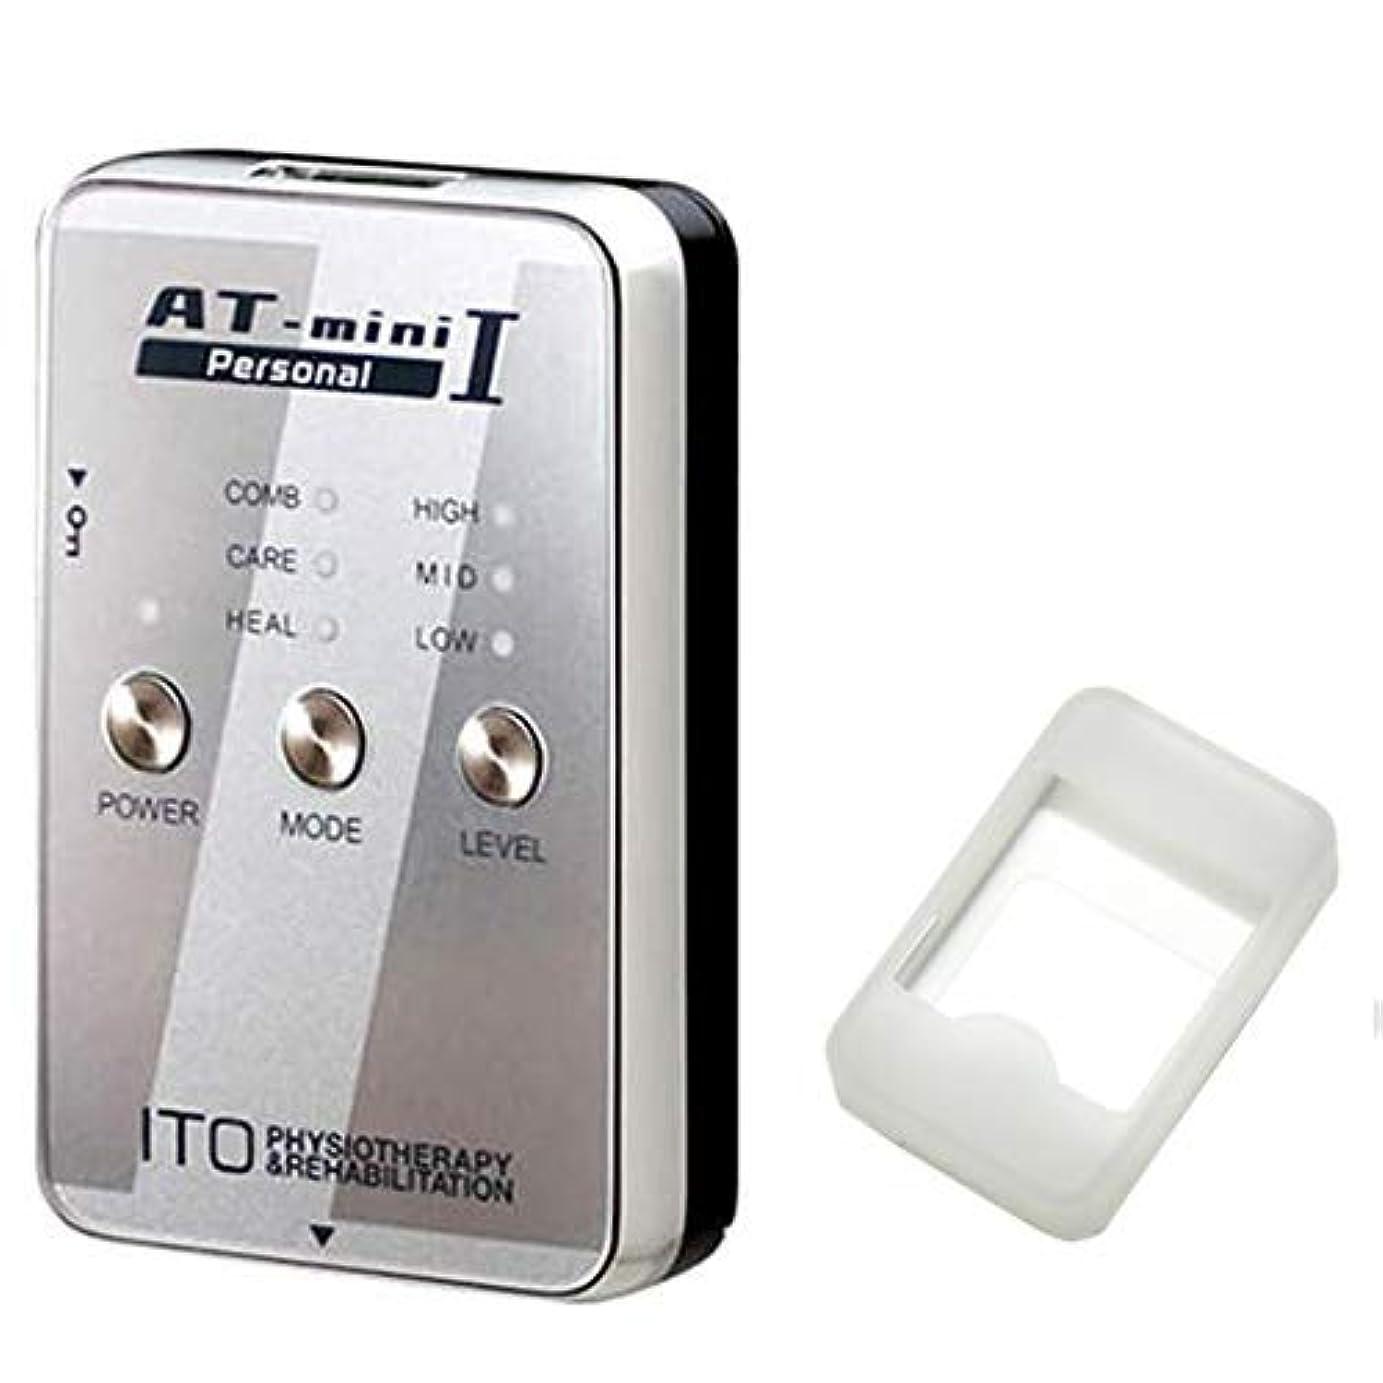 スケート清める動力学低周波治療器 AT-mini personal I シルバー (ATミニパーソナル1) + シリコン保護ケース